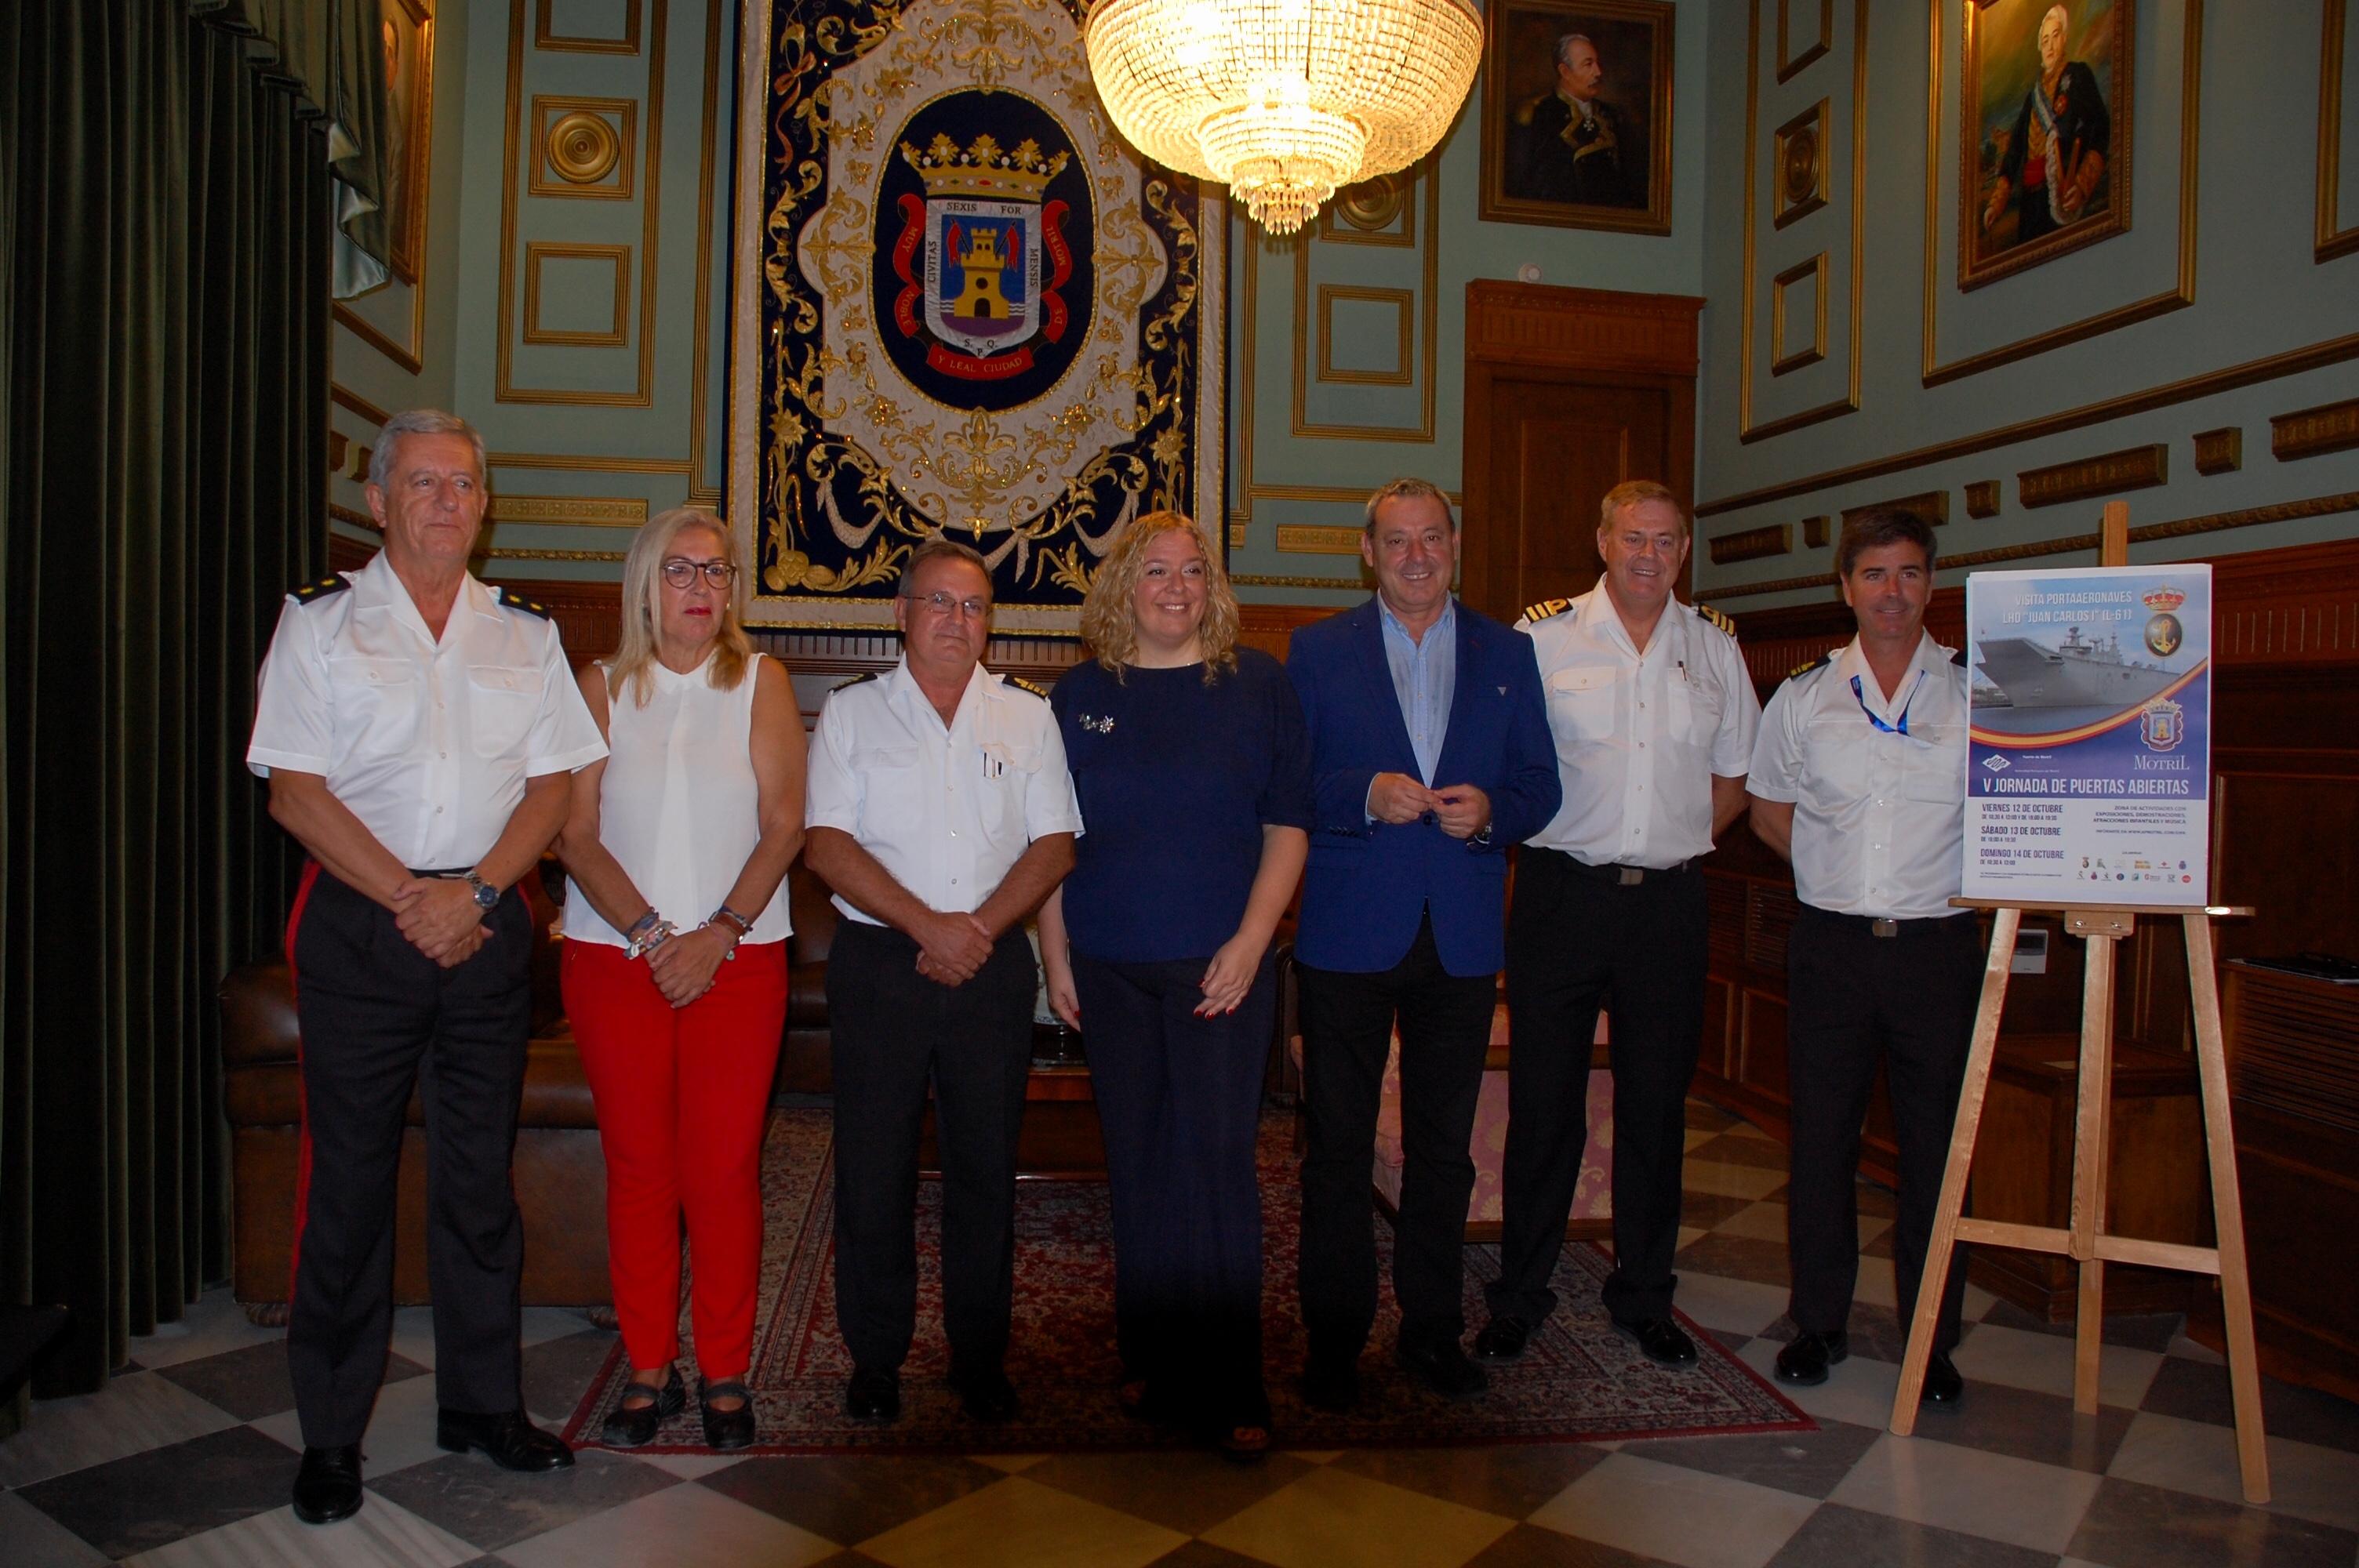 Foto presentación visita del portaaeronaves Juan Carlos I a Motril (Foto: El Faro)